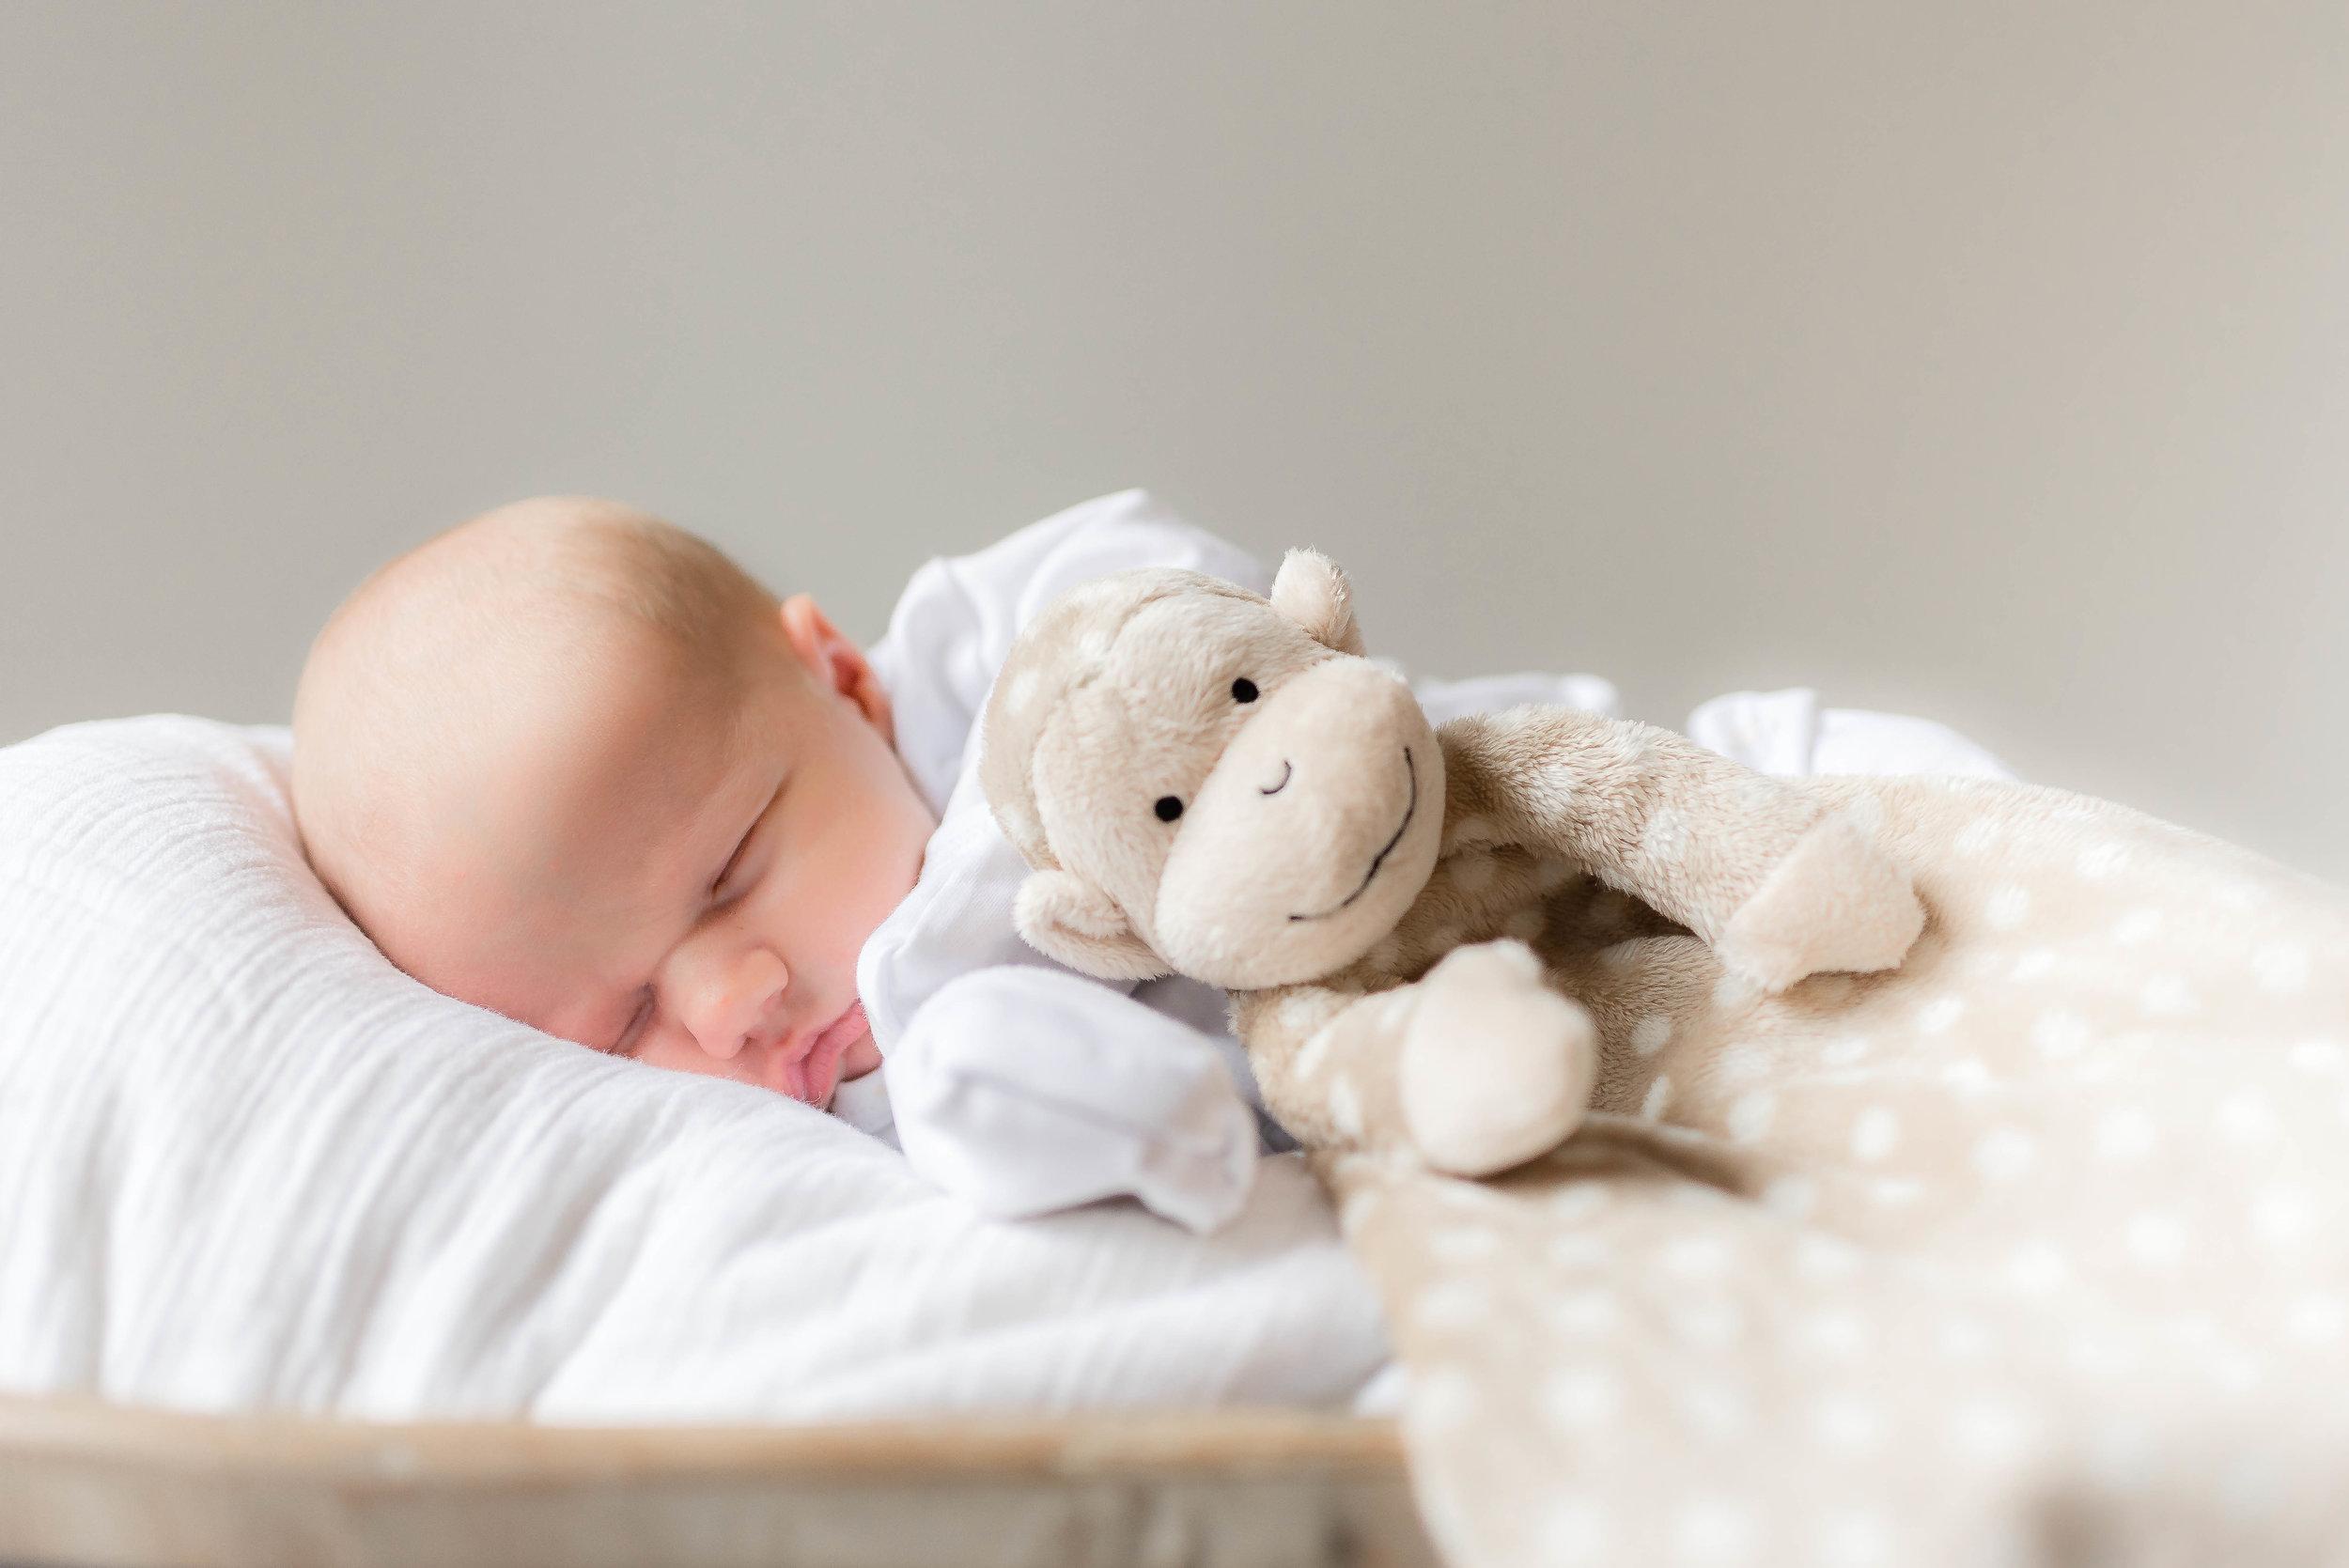 Erin-Fabio-Photography-Everett-Carr-Newborns-Sept-2018-10.jpg